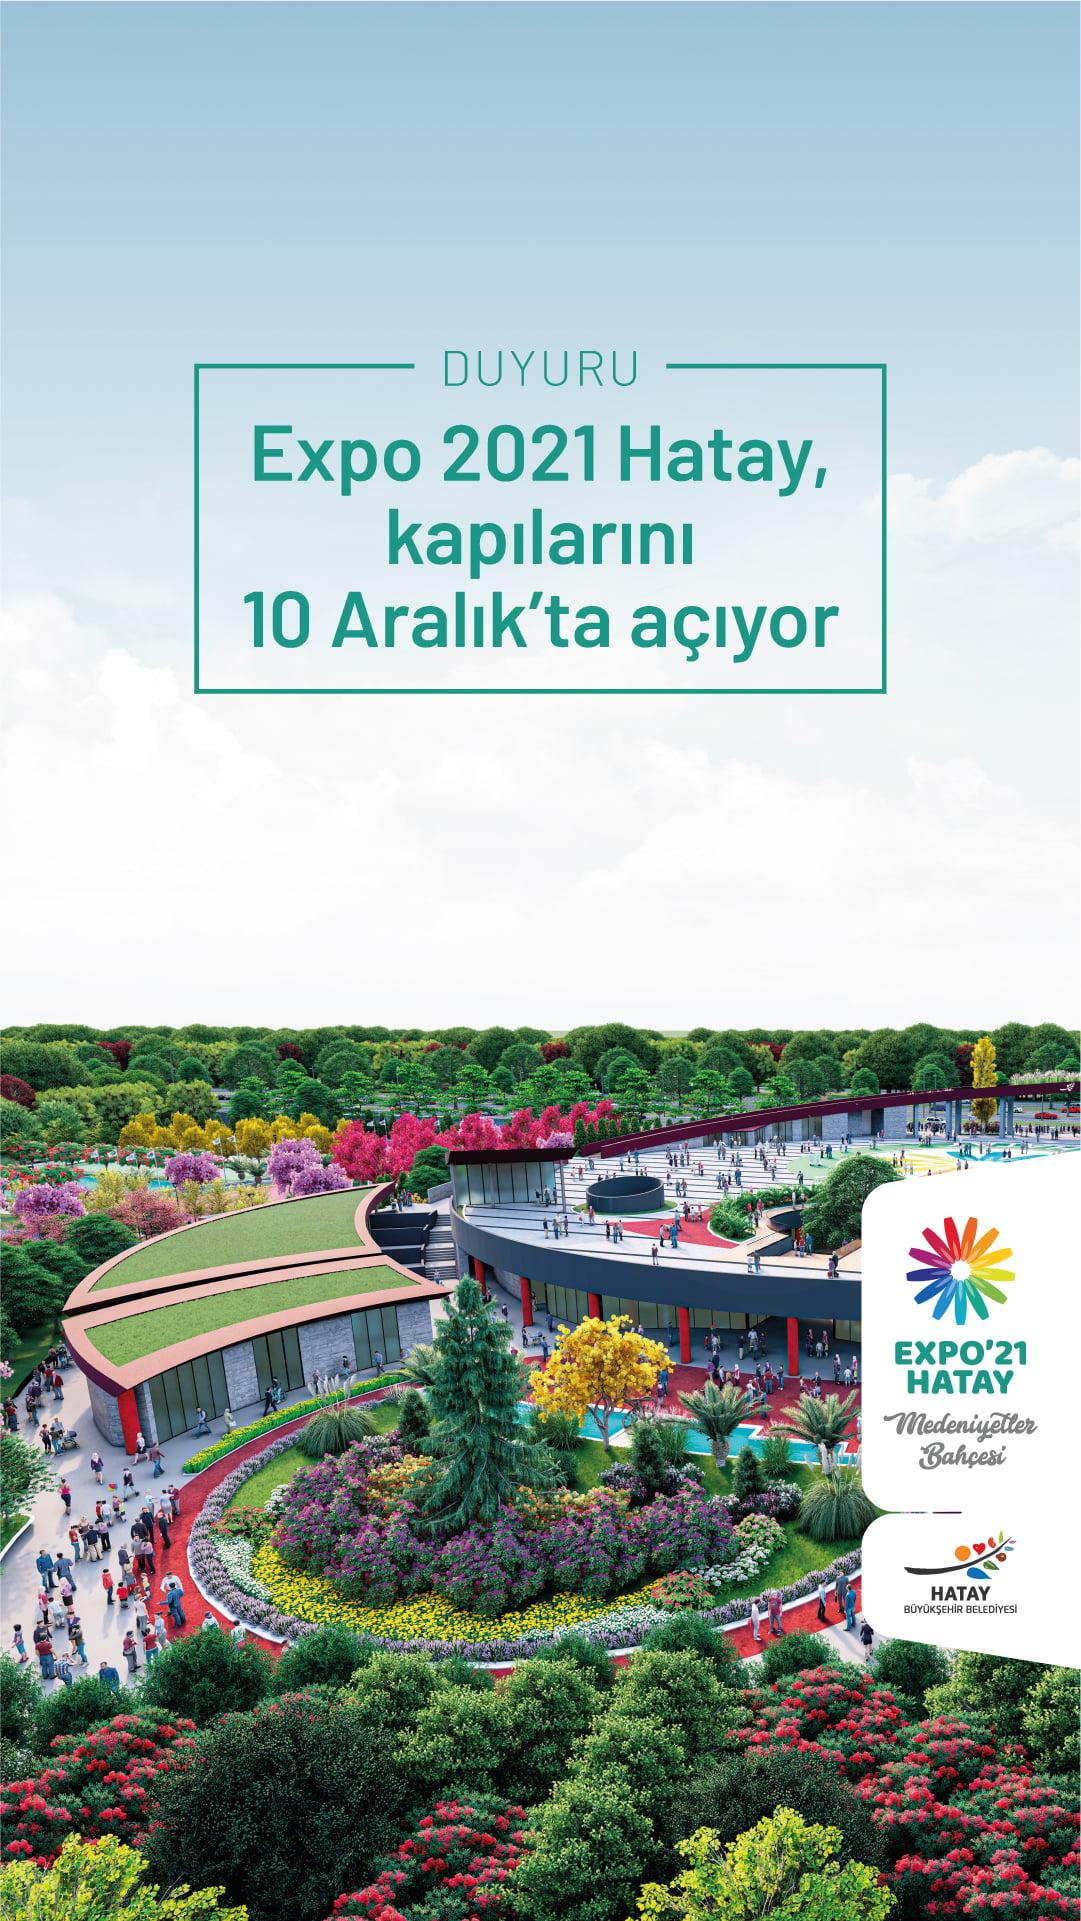 EXPO 2021 HATAYA COVID 19 NEDENIYLE YENI TARIH 1